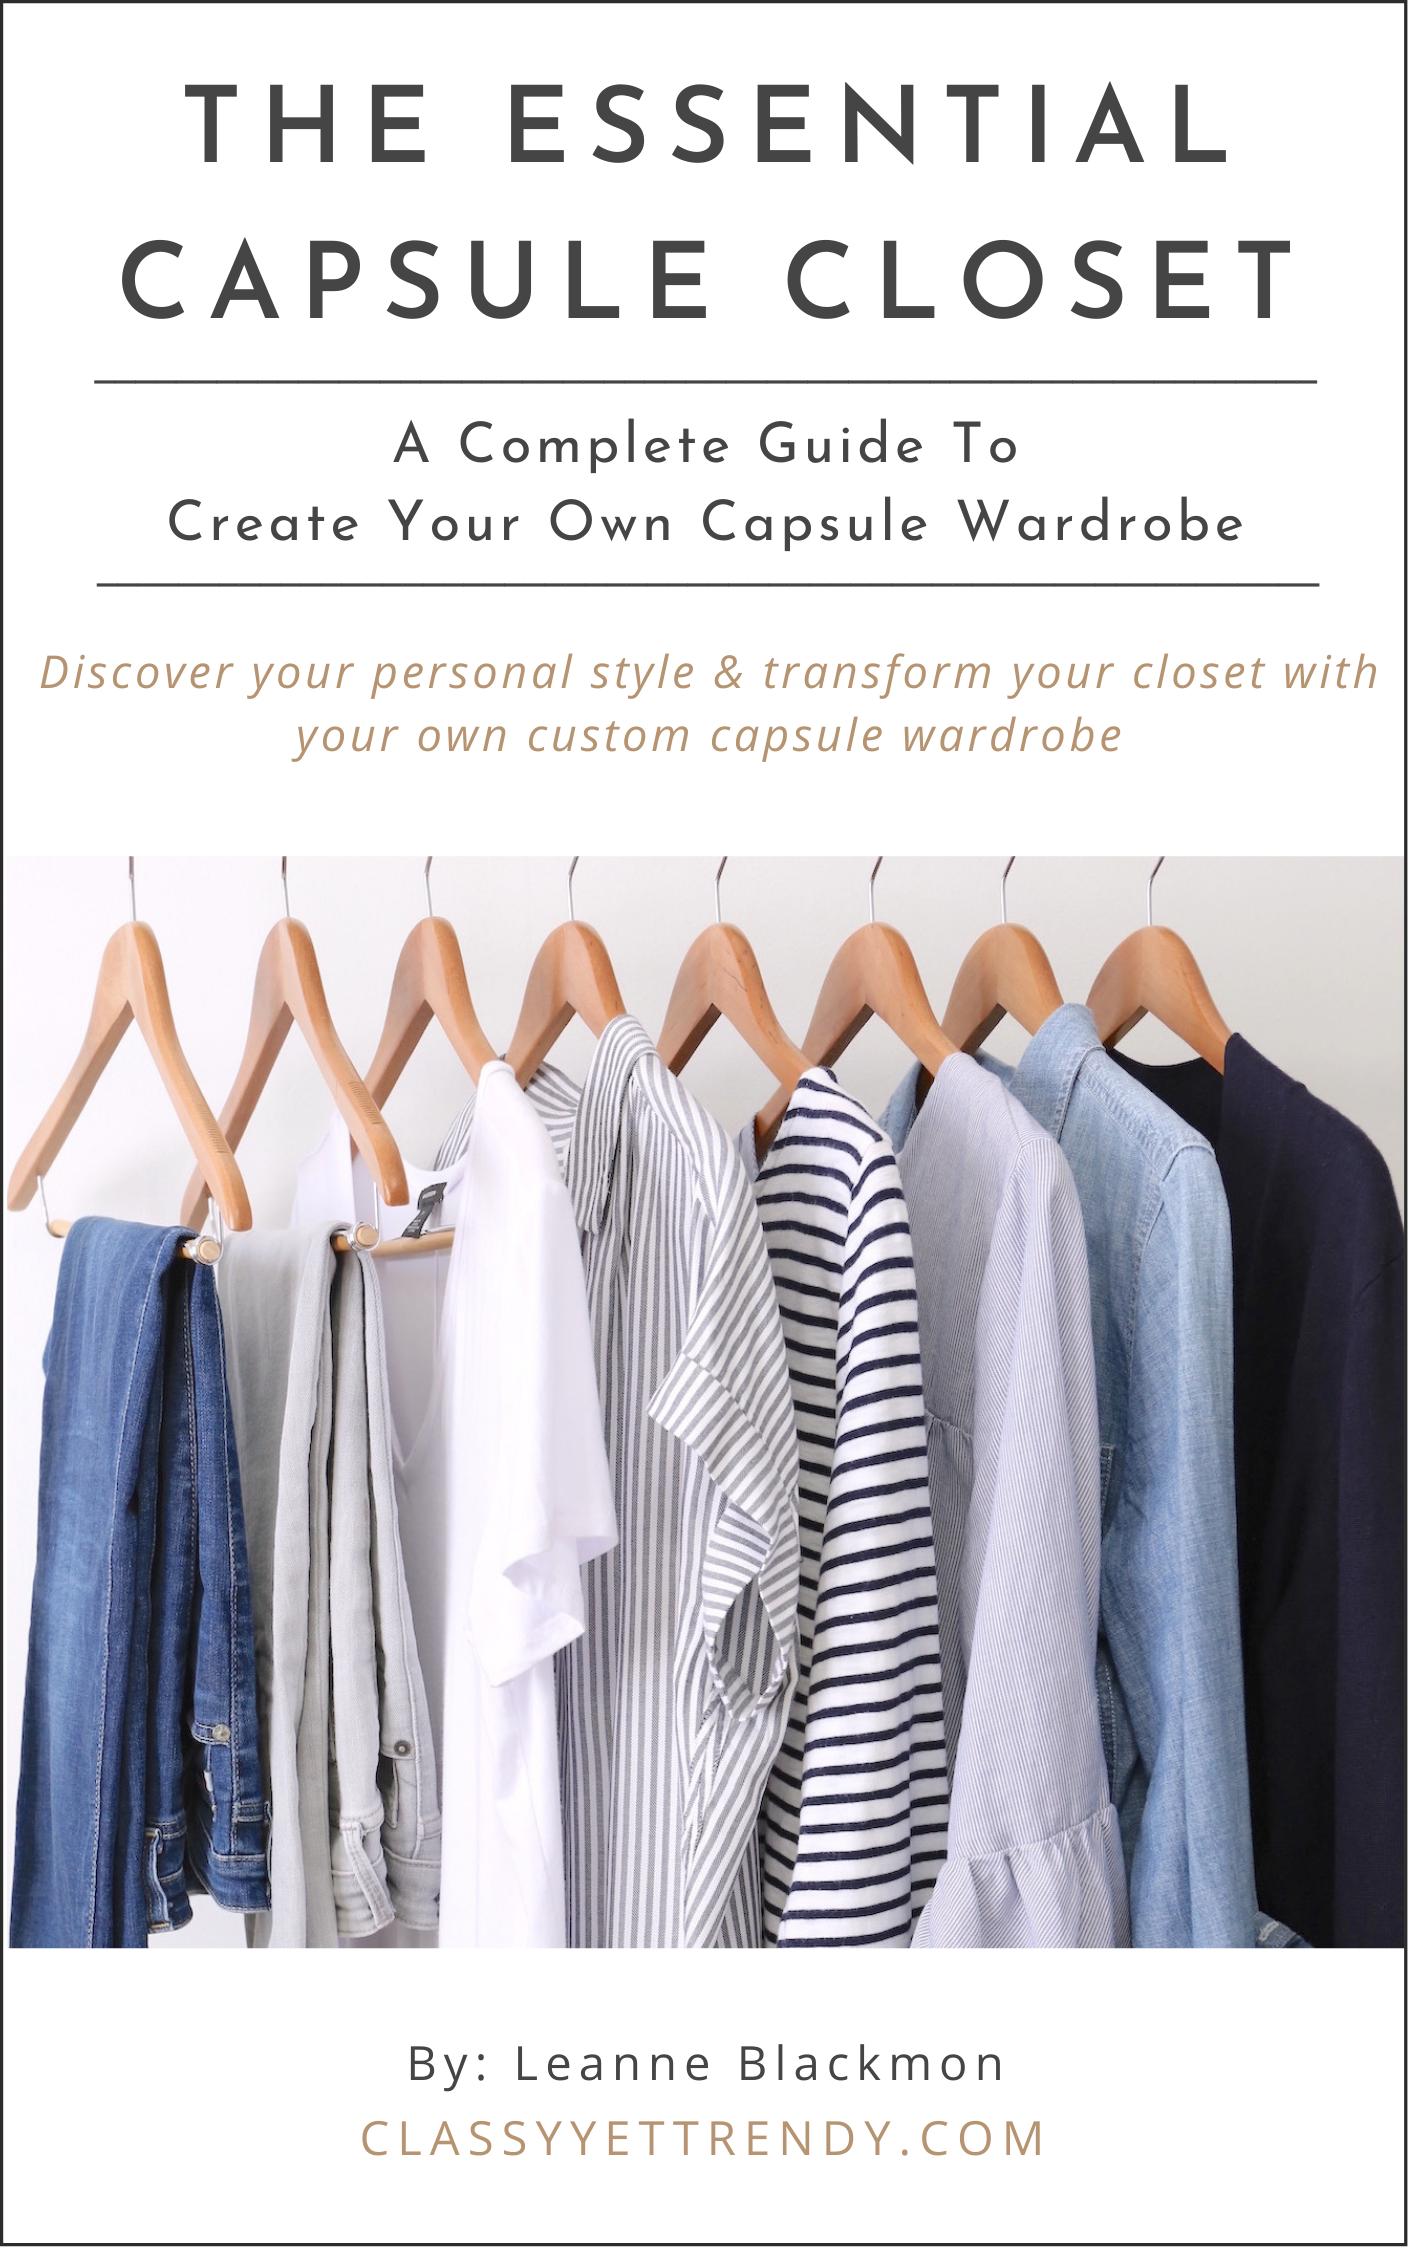 The Essential Capsule Closet cover - REVISED Spring 2021